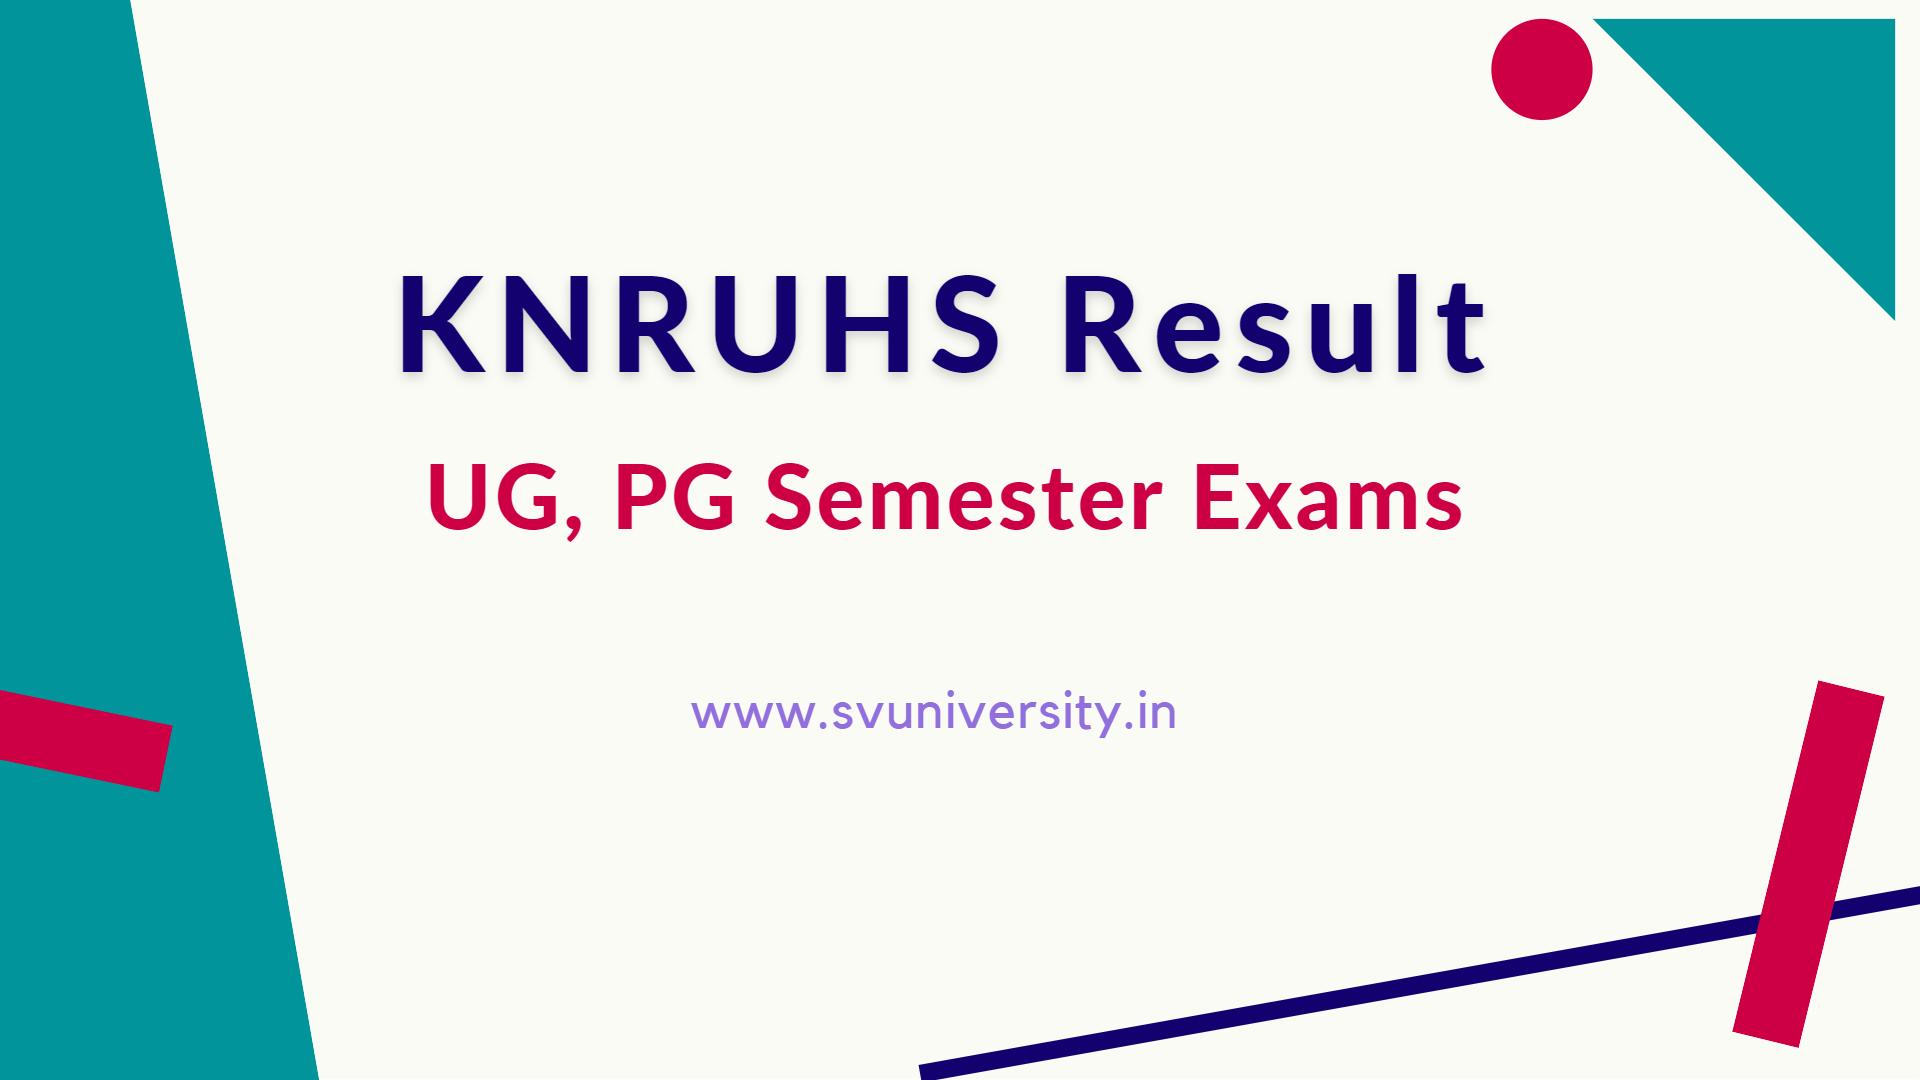 KNRUHS Result 2021